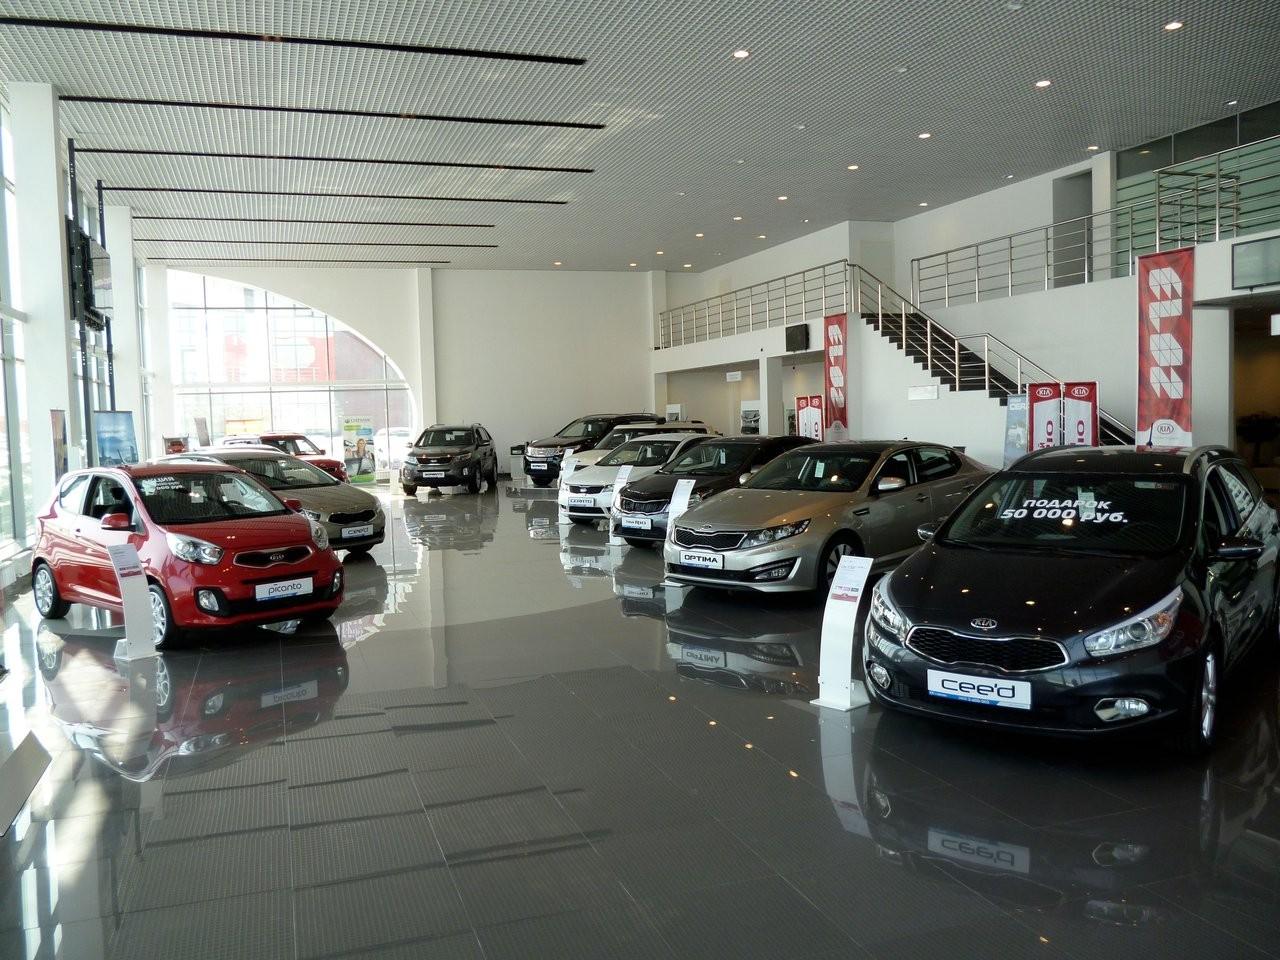 Вевропейских странах подержанные автомобили из РФ реализуют ввиде «немецких»